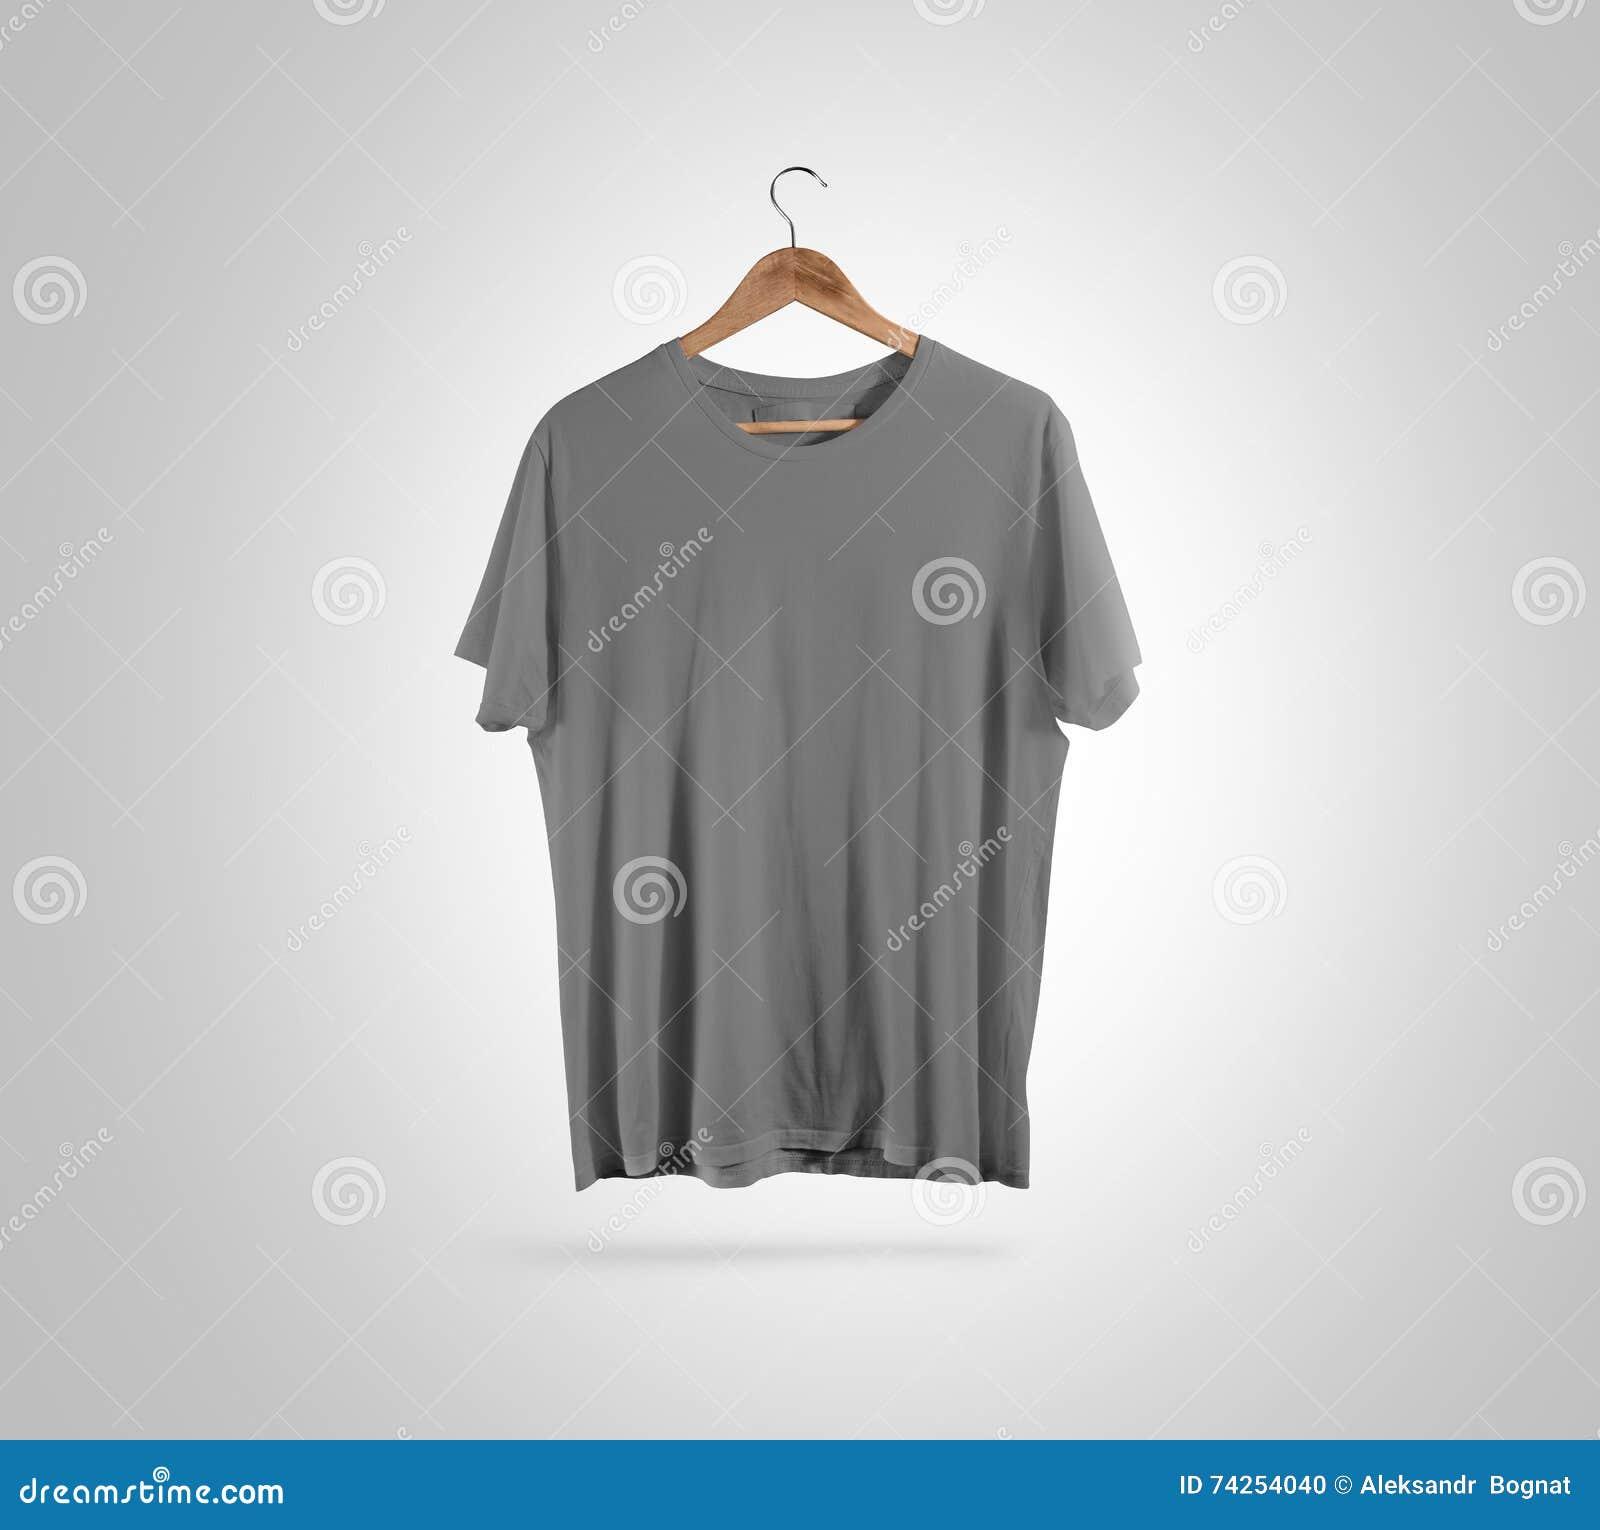 Grijze Stock Shirt VoorhangerOntwerpmodelHet Knippen Weg T Lege uTl1c5FJK3